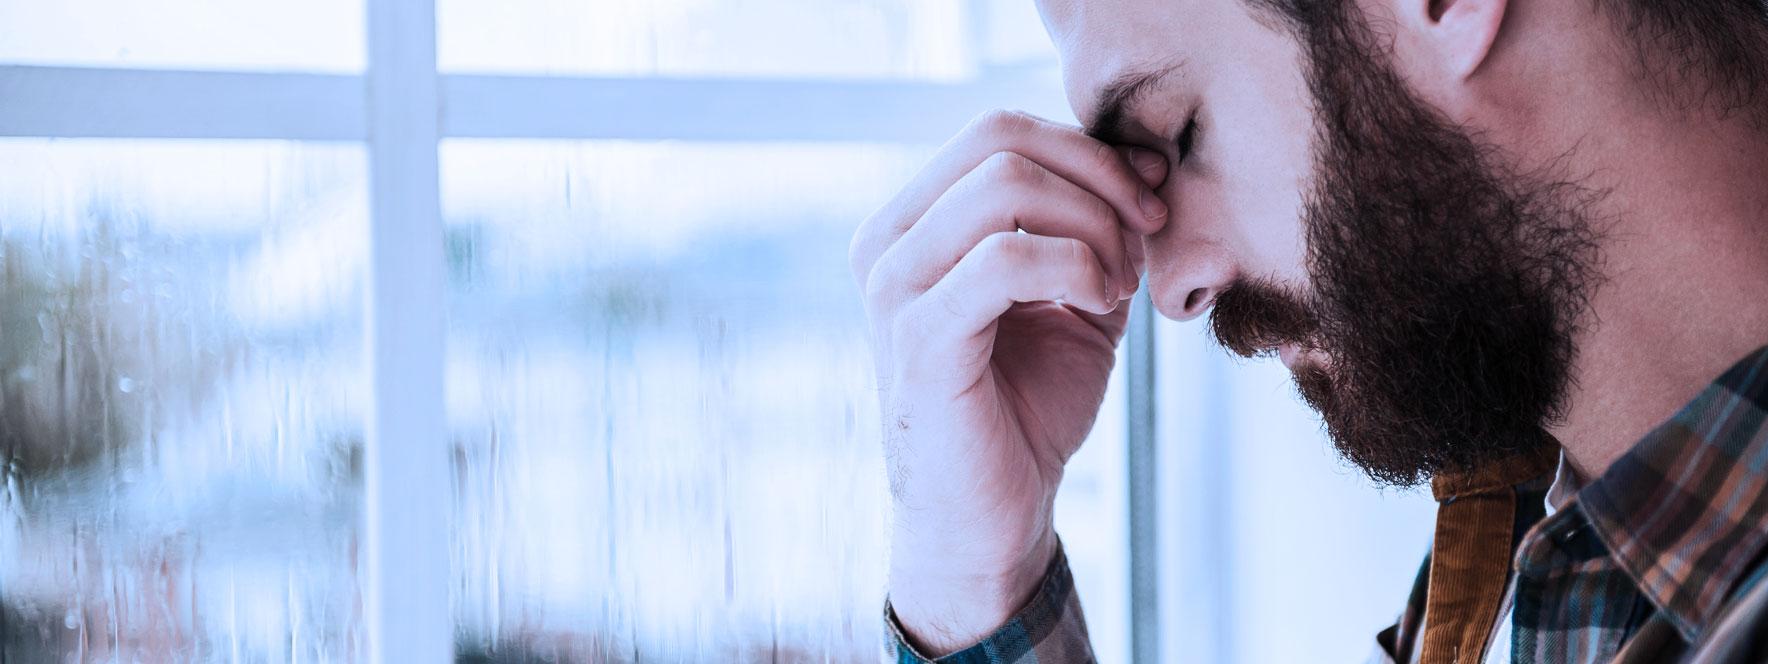 Alléger l'anxiété avec la massothérapie - Blogue du Réseau